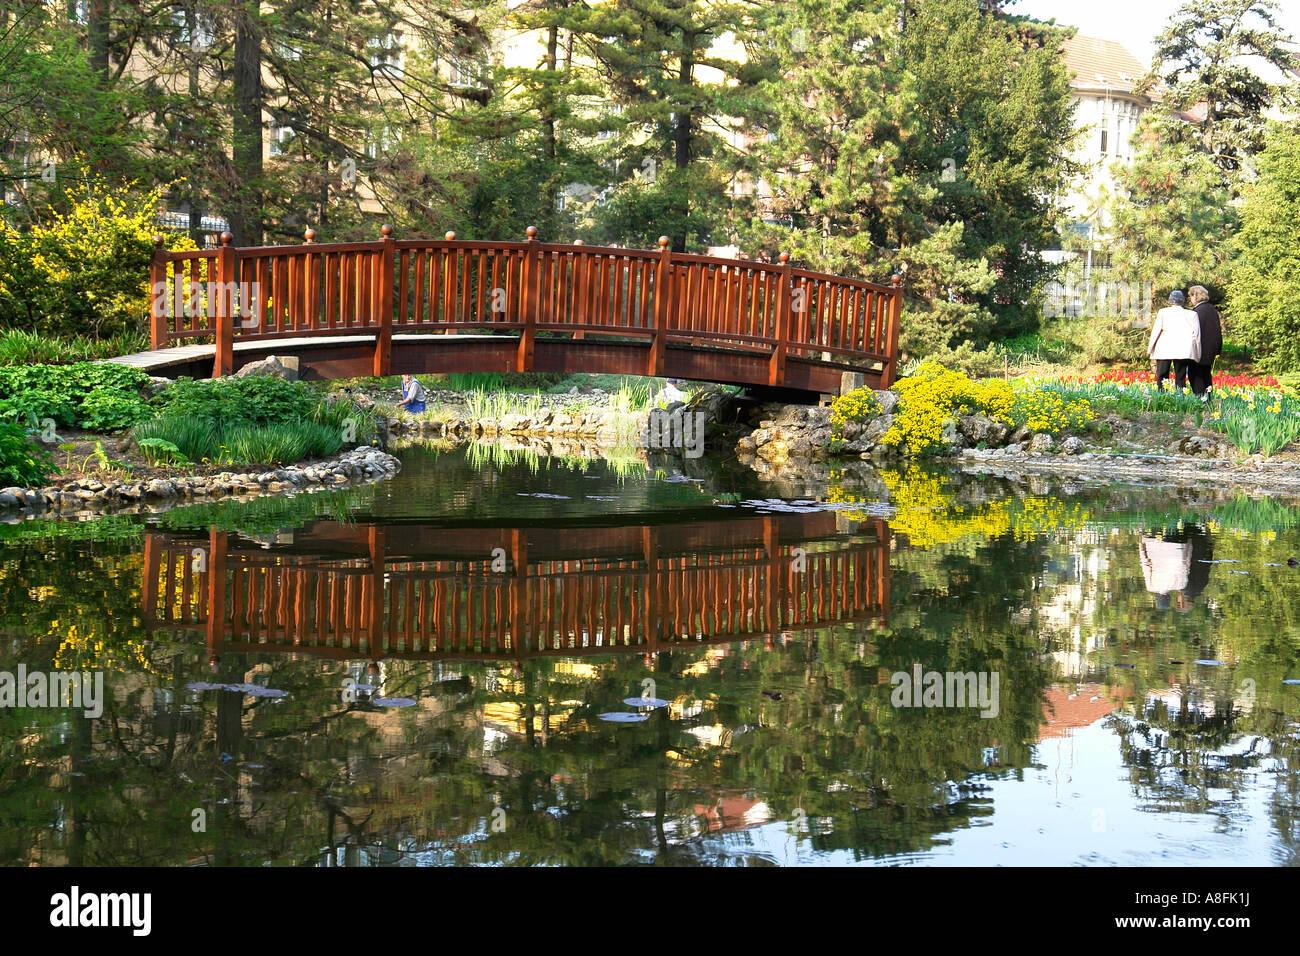 Botanical Leisure Stock Photos & Botanical Leisure Stock Images - Alamy